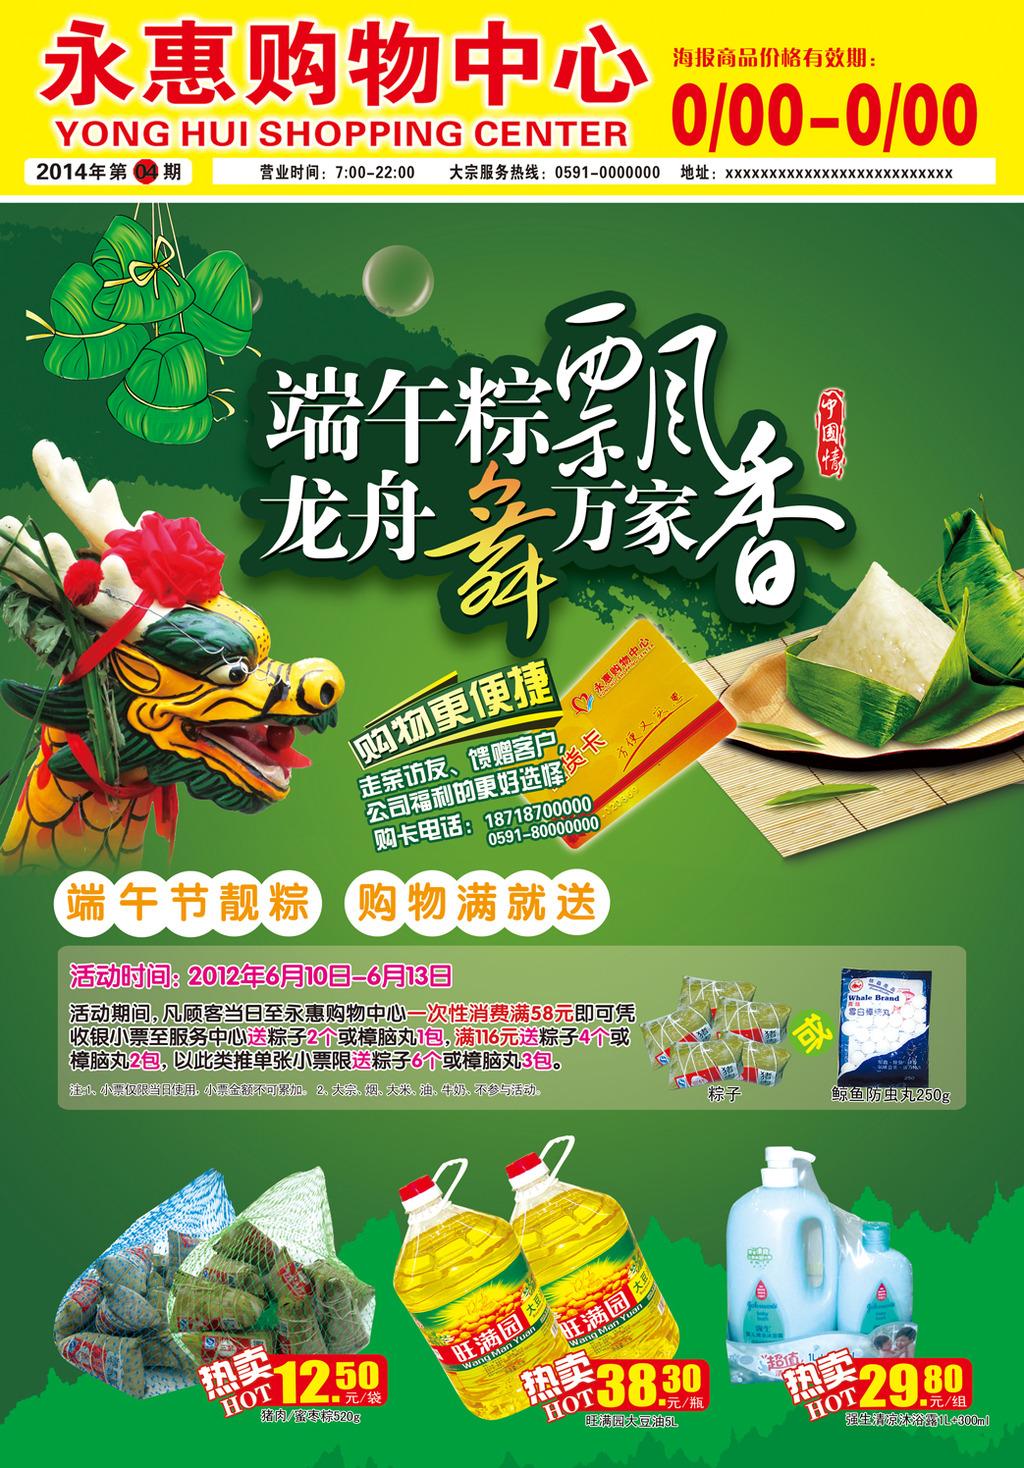 浓情端午 节日 粽子 农船图片